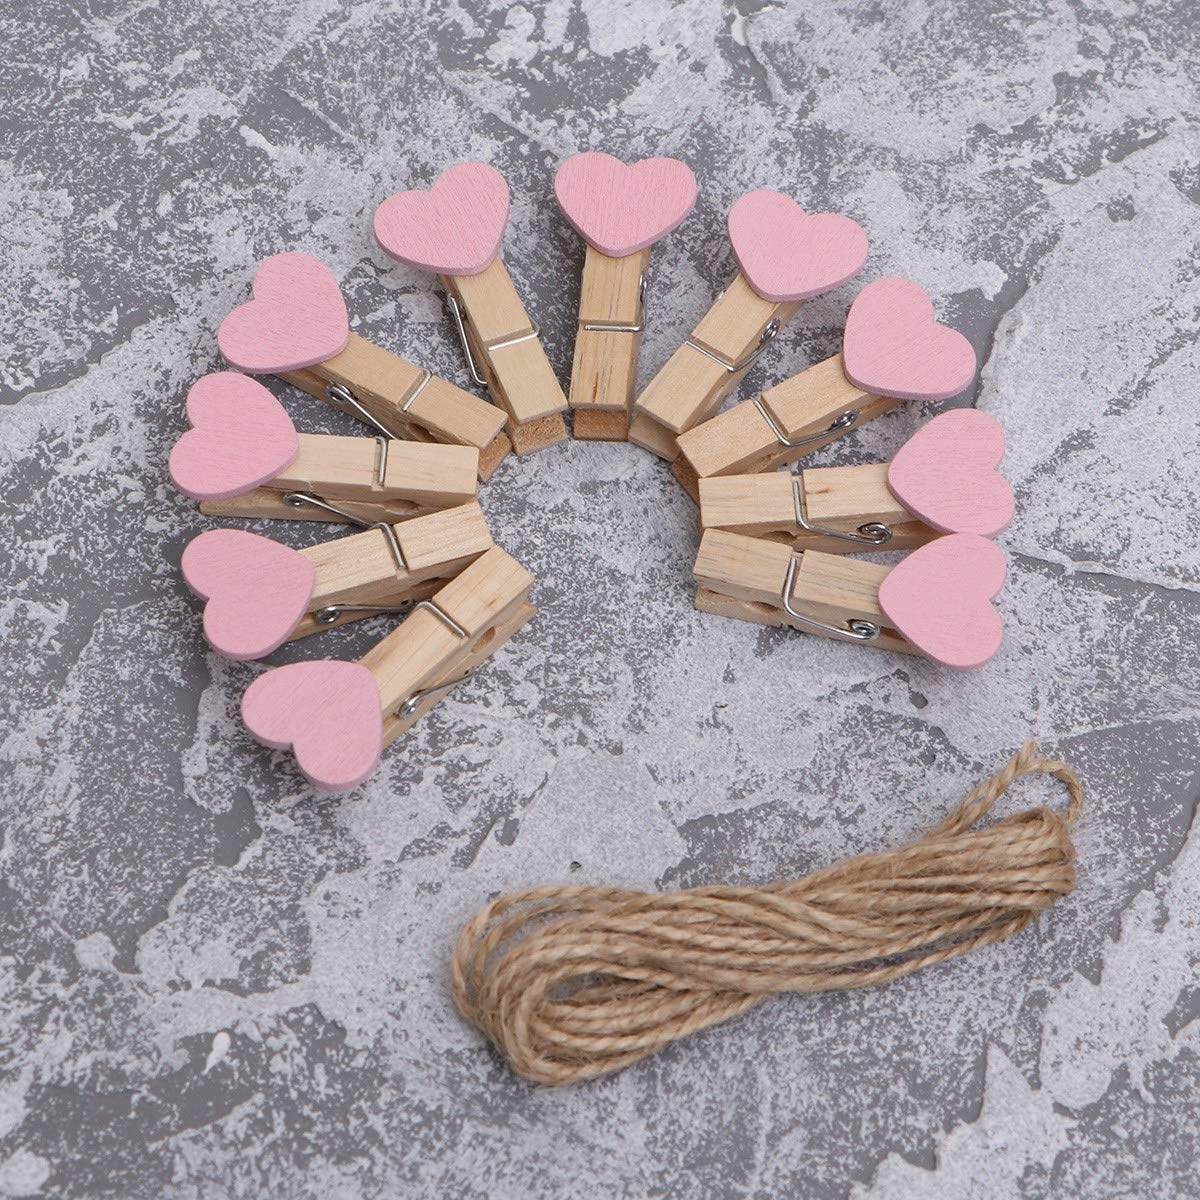 Amosfun 50PCS mini mollette a forma di cuore clip di carta fotografica in legno memo Paper Cards immagini notes Craft mollette con spago di iuta cordoncini matrimonio festa di compleanno decorazioni